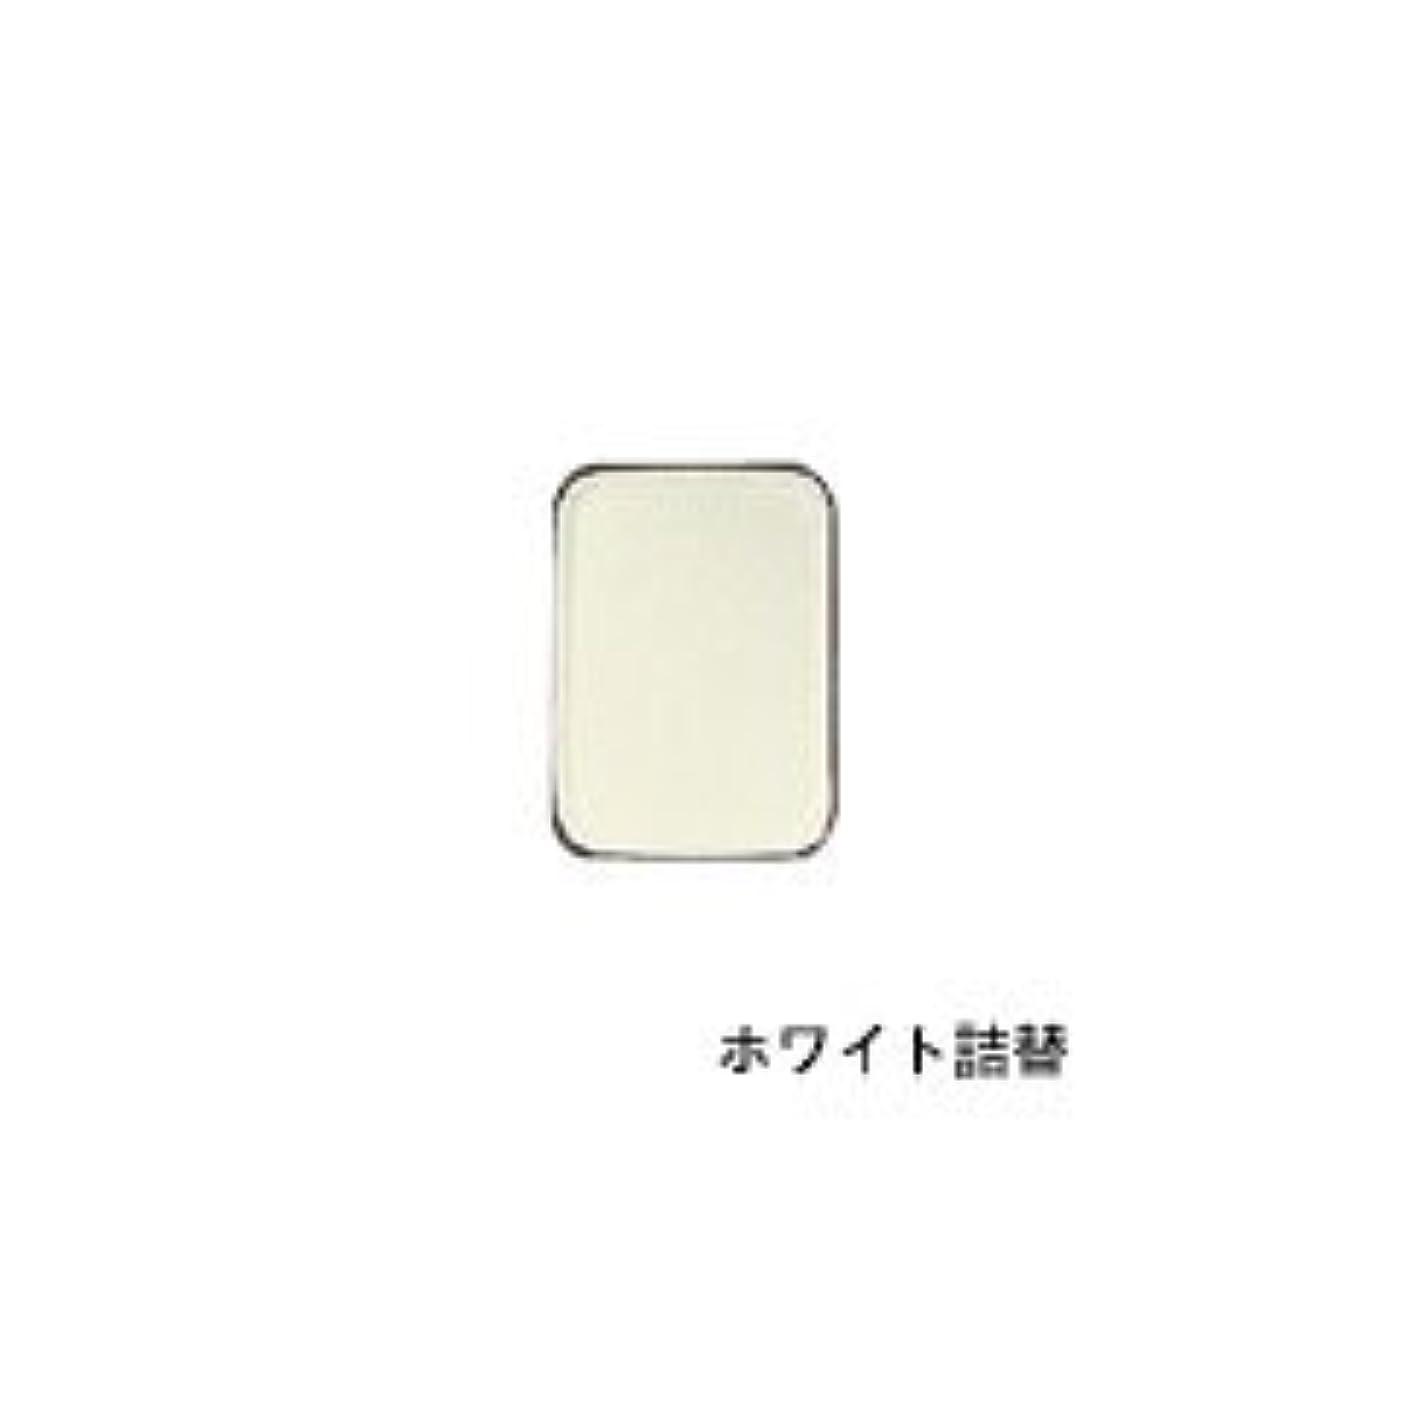 測定可能怠惰かなりリマナチュラル ピュアアイカラー 詰替用 ホワイト×2個       JAN:4514991230439